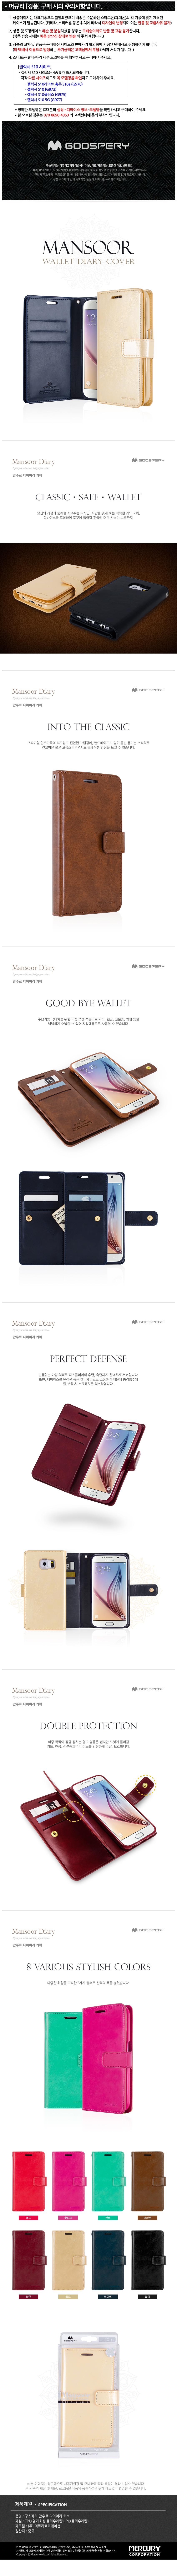 머큐리 만수르 다이어리 -갤럭시 S10플러스 (G975) - 모션테크, 9,400원, 케이스, 갤럭시S10+